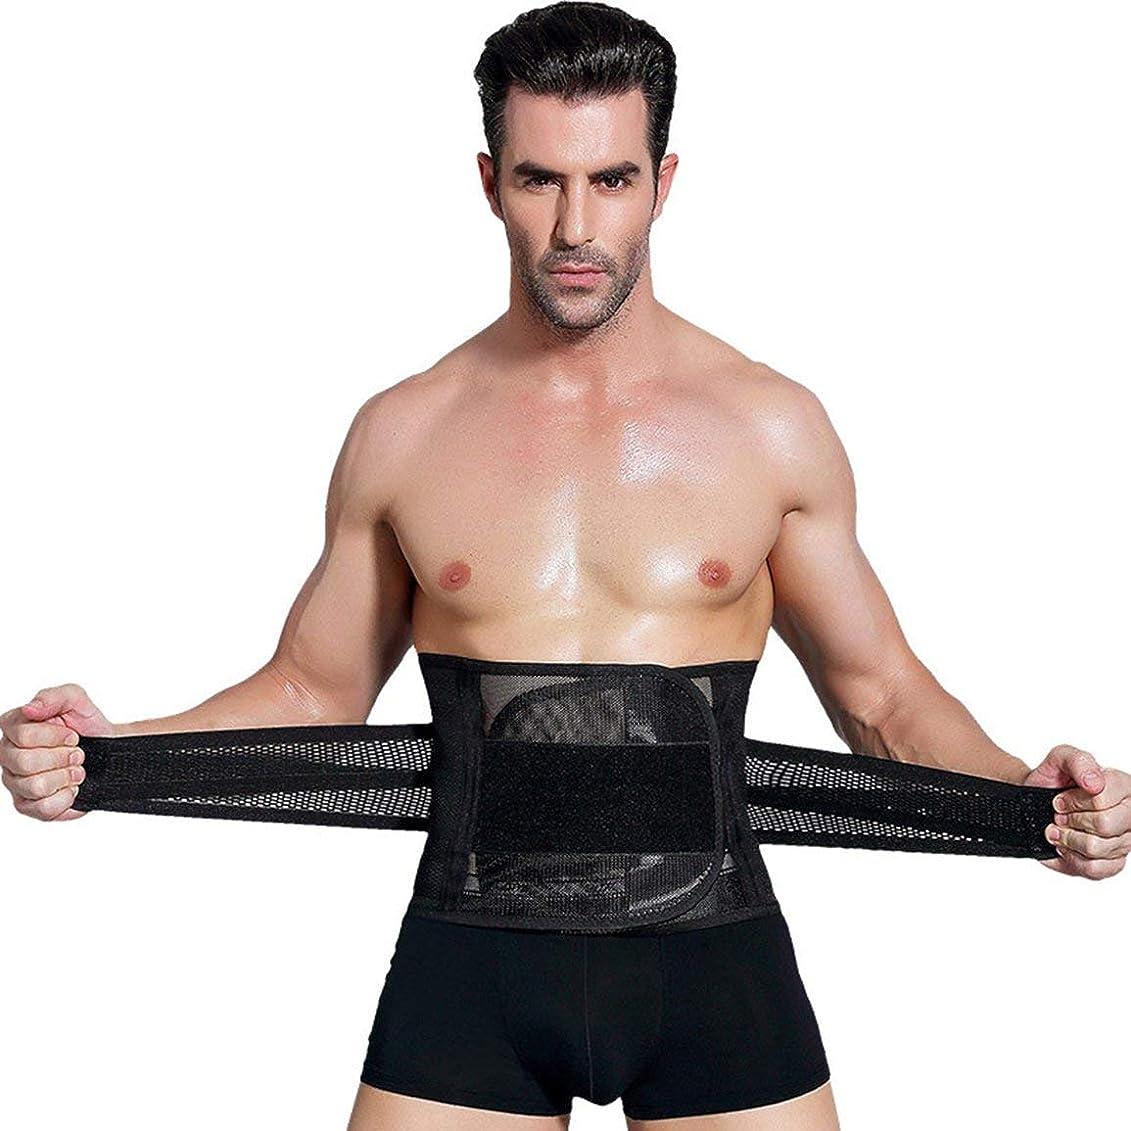 たくさんの逃すアメリカ男性ボディシェイパーコルセット腹部おなかコントロールウエストトレーナーニッパー脂肪燃焼ガードル痩身腹ベルト用男性 - ブラックXXL